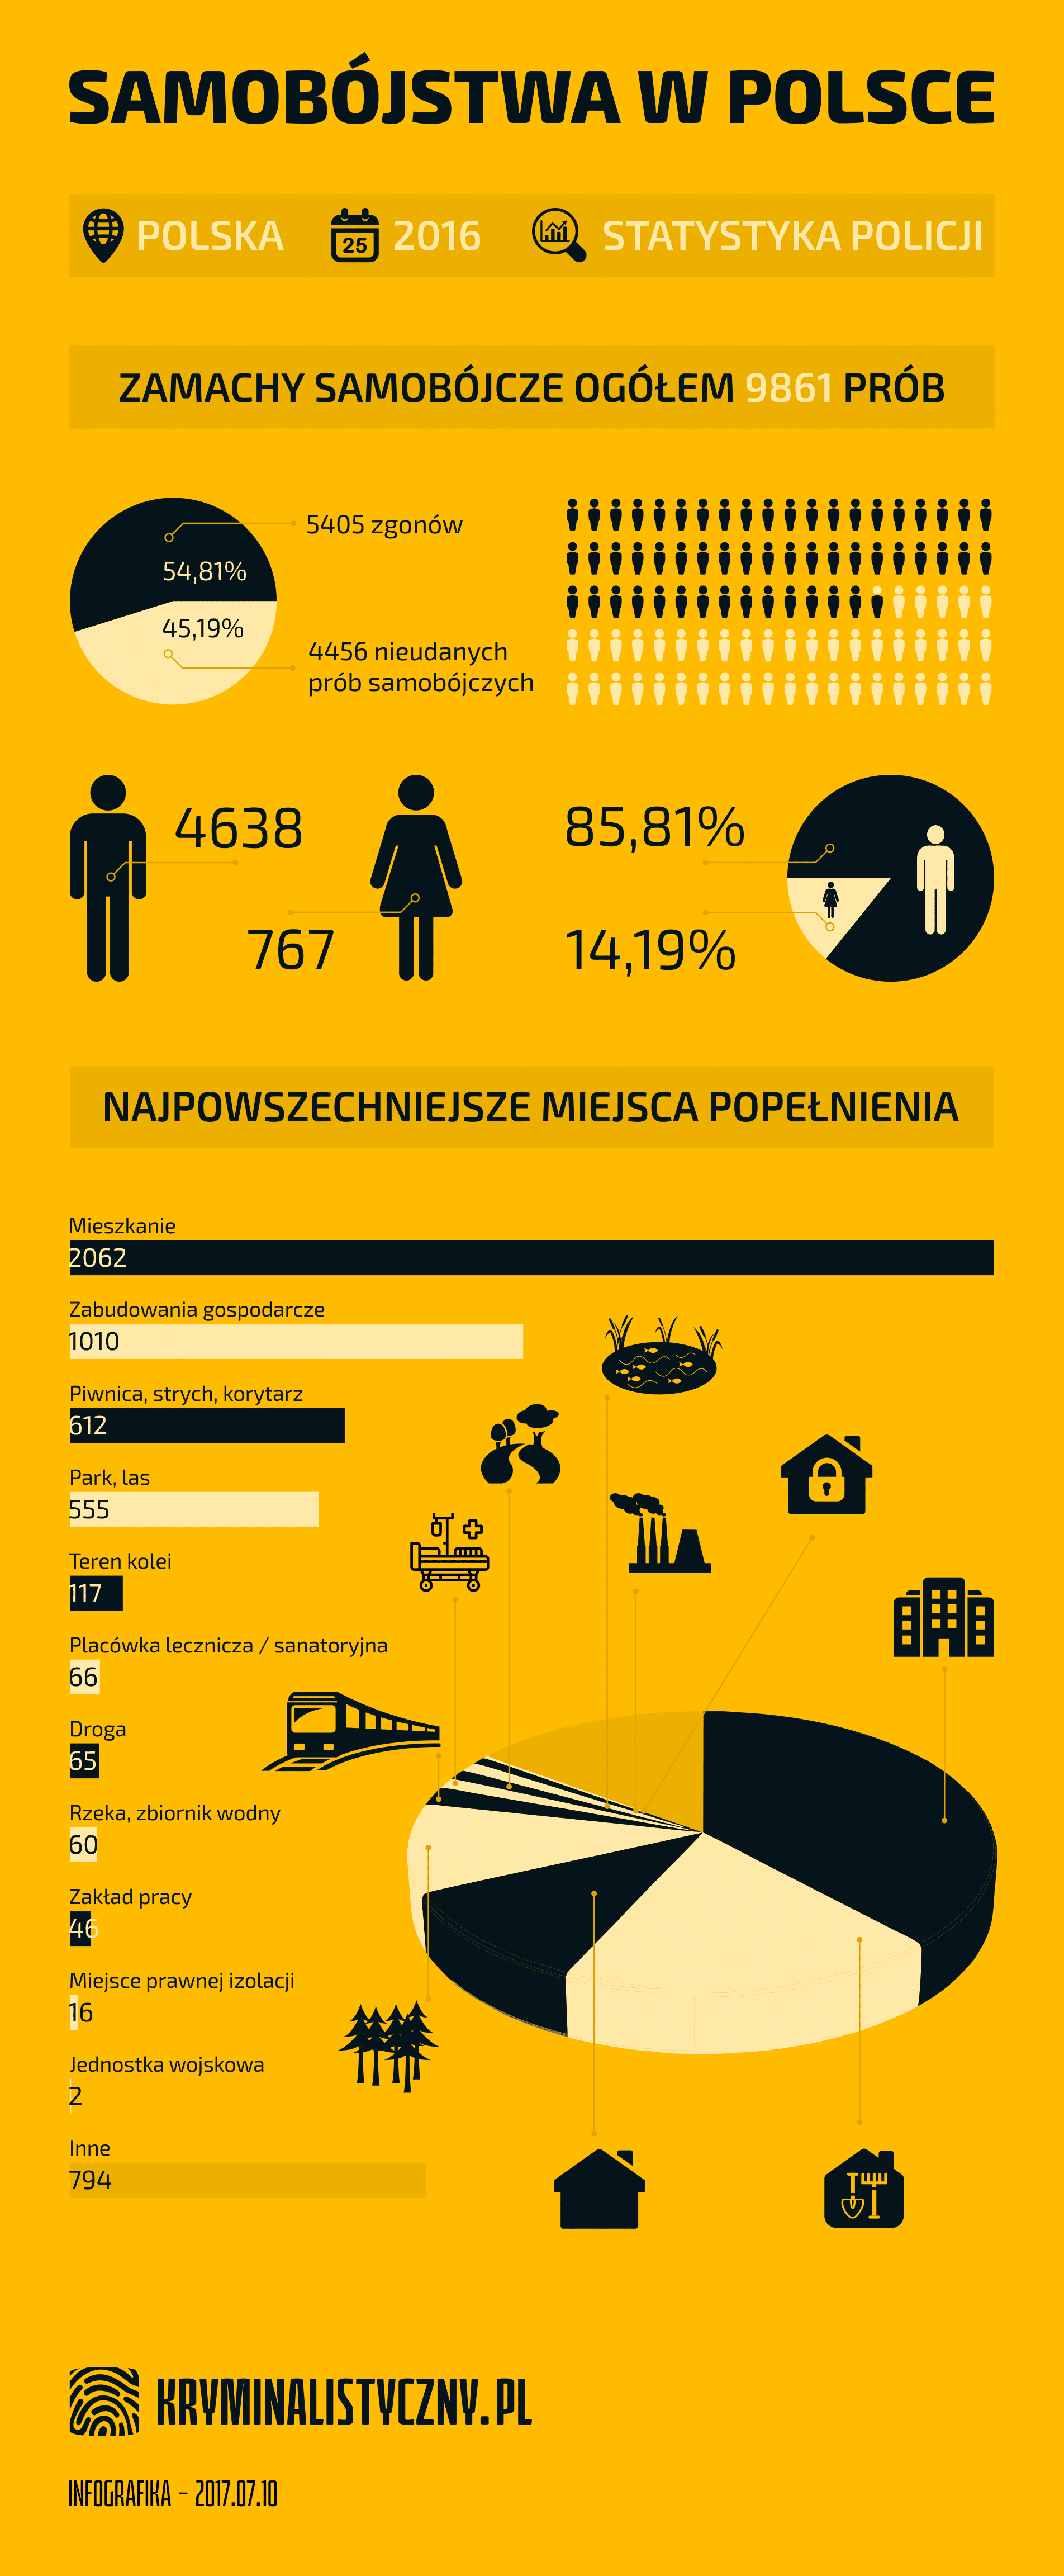 Samobójstwa w Polsce miejsca popełnienia - infografika